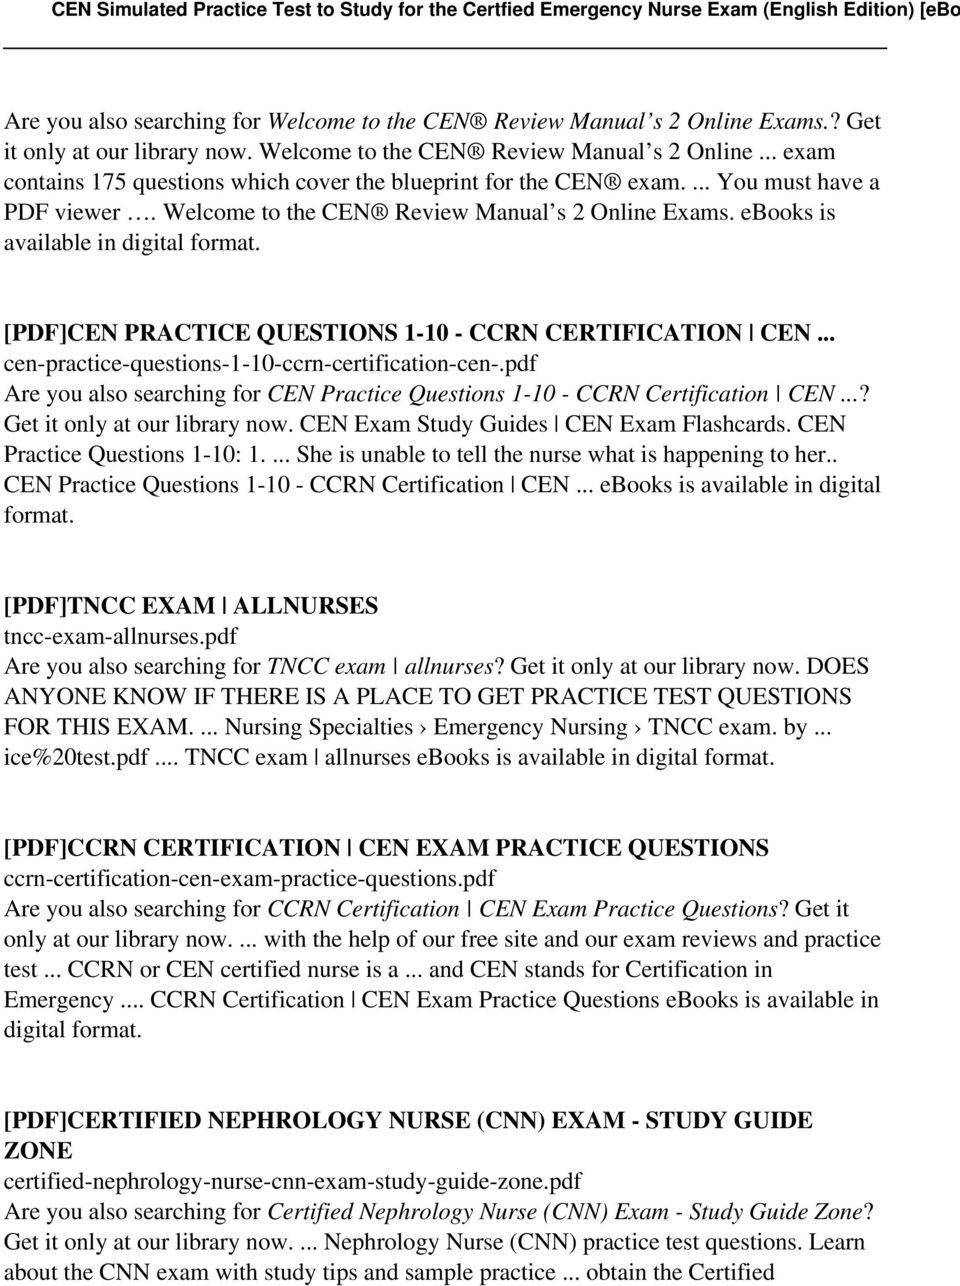 Cen Study Guide Pdf Free